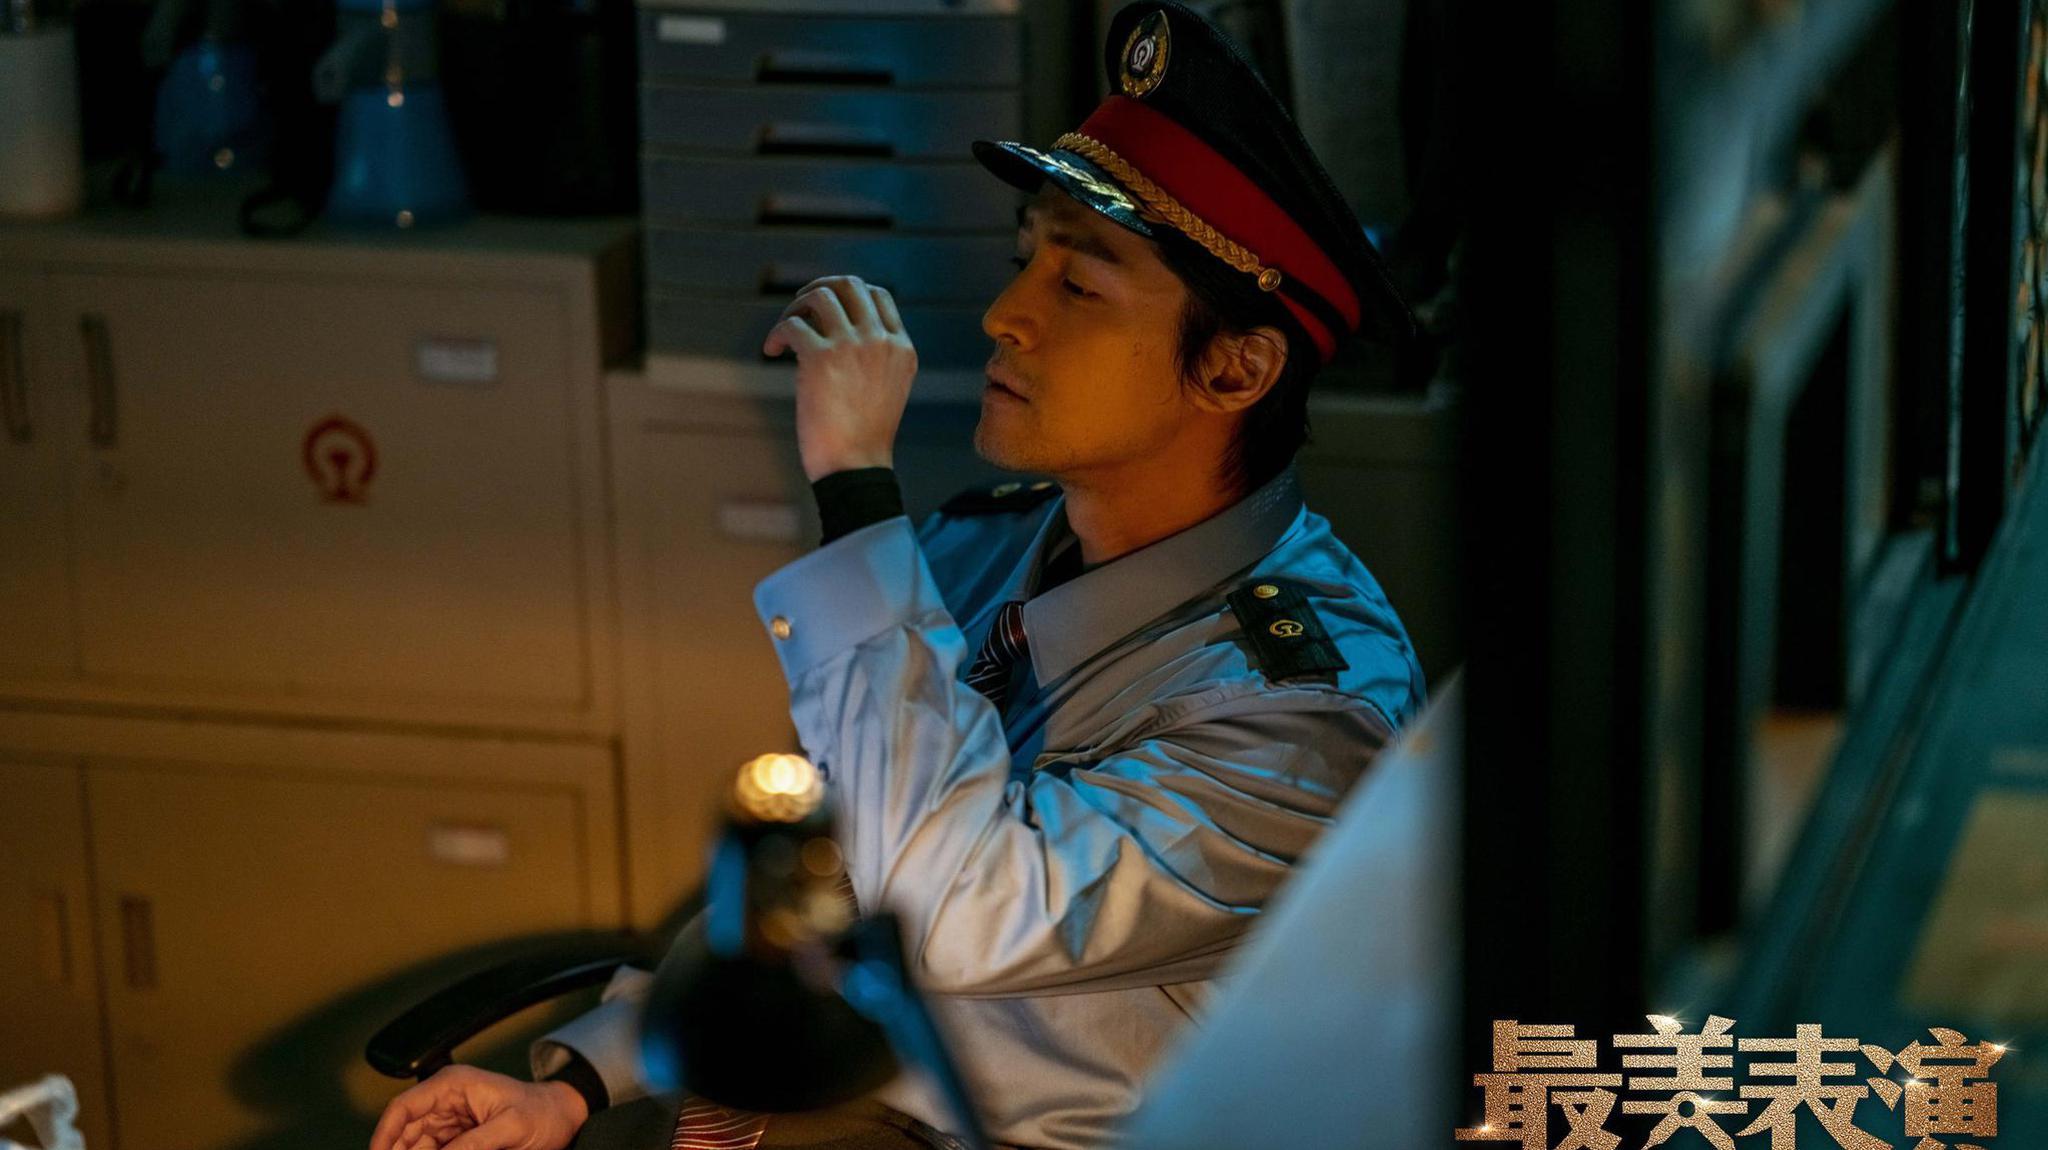 胡歌2019最美表演正片曝光 一人分飾三角哭戲動人